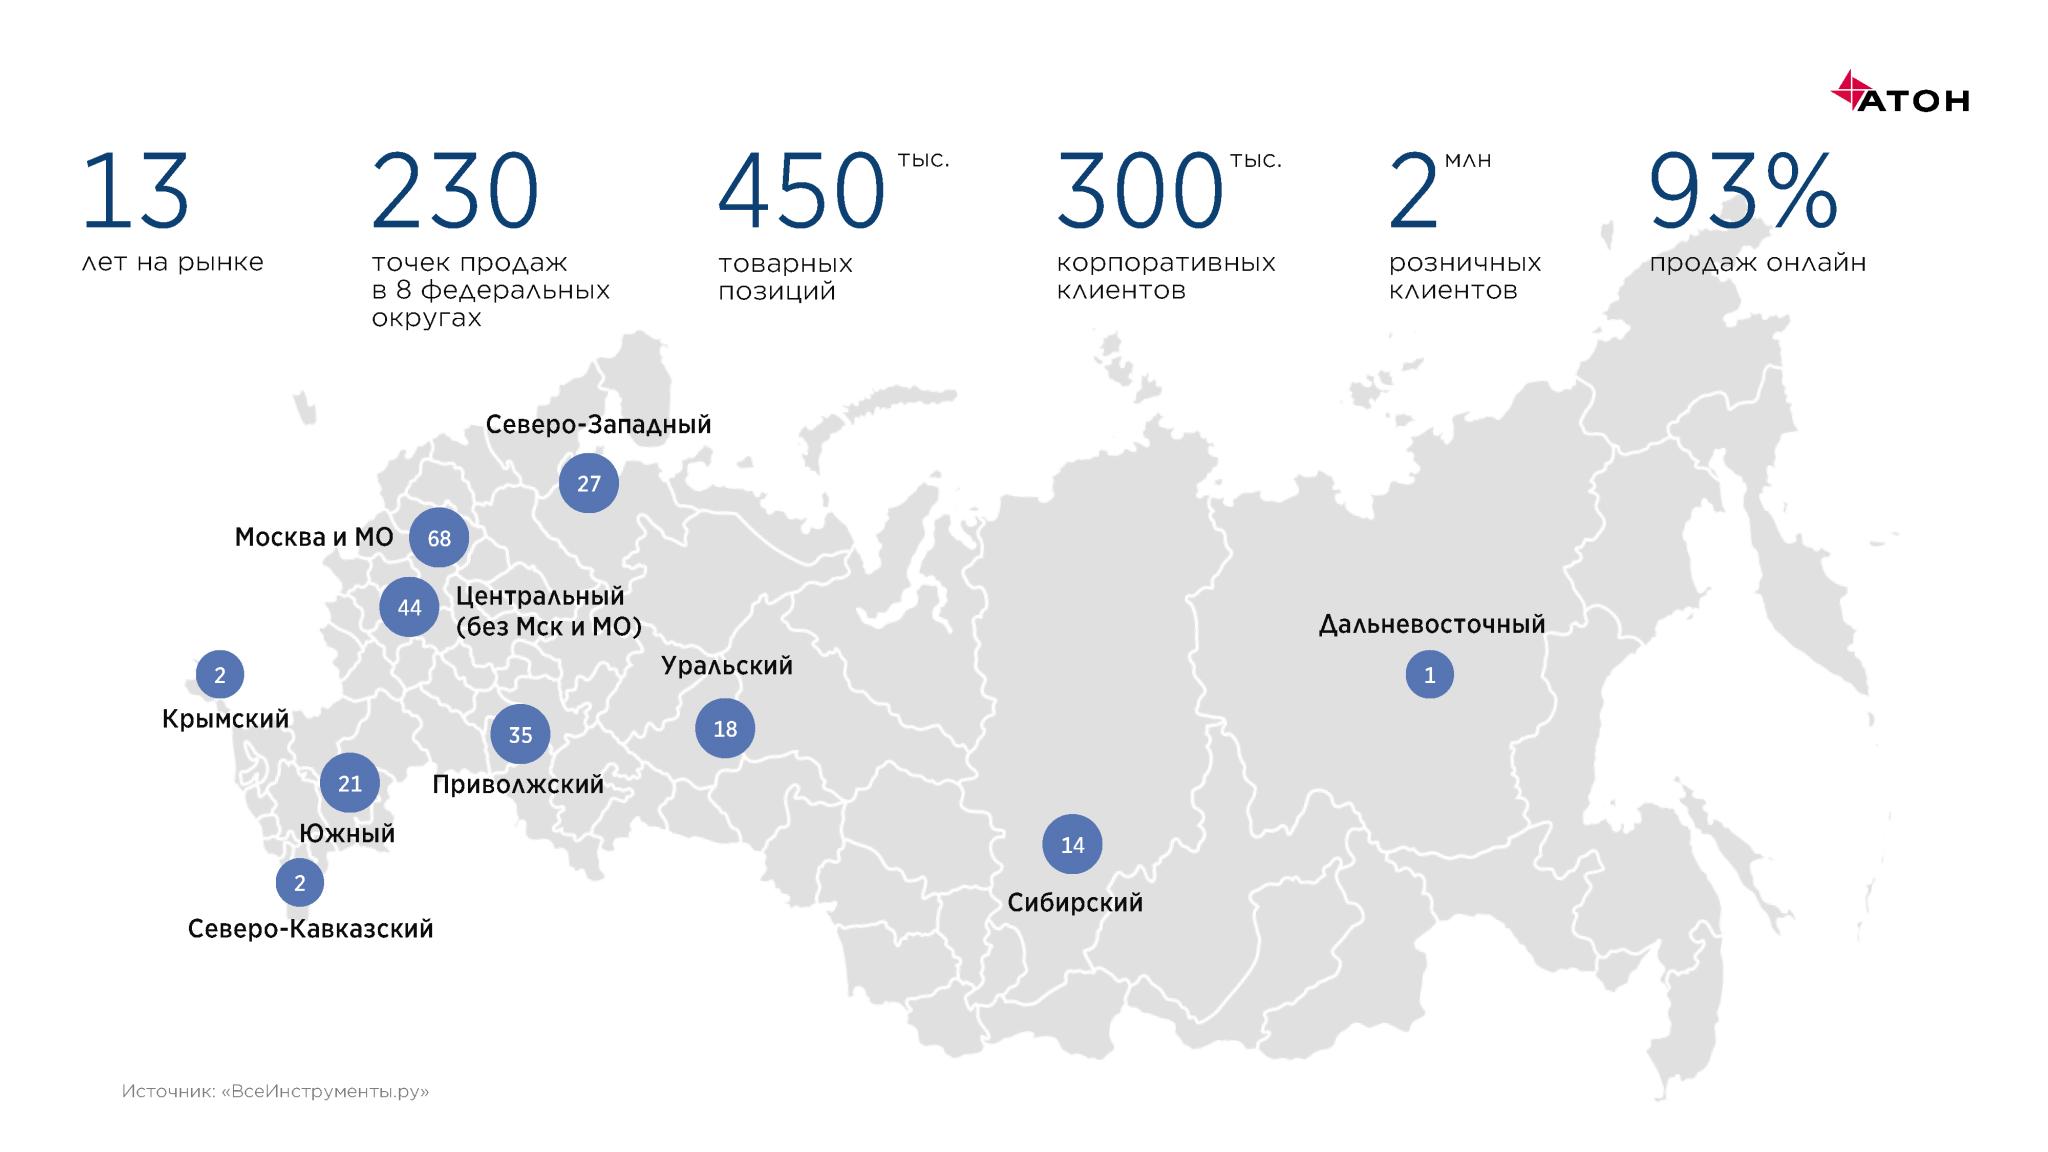 Инвестиции воблигации «ВсеИнструменты.ру»